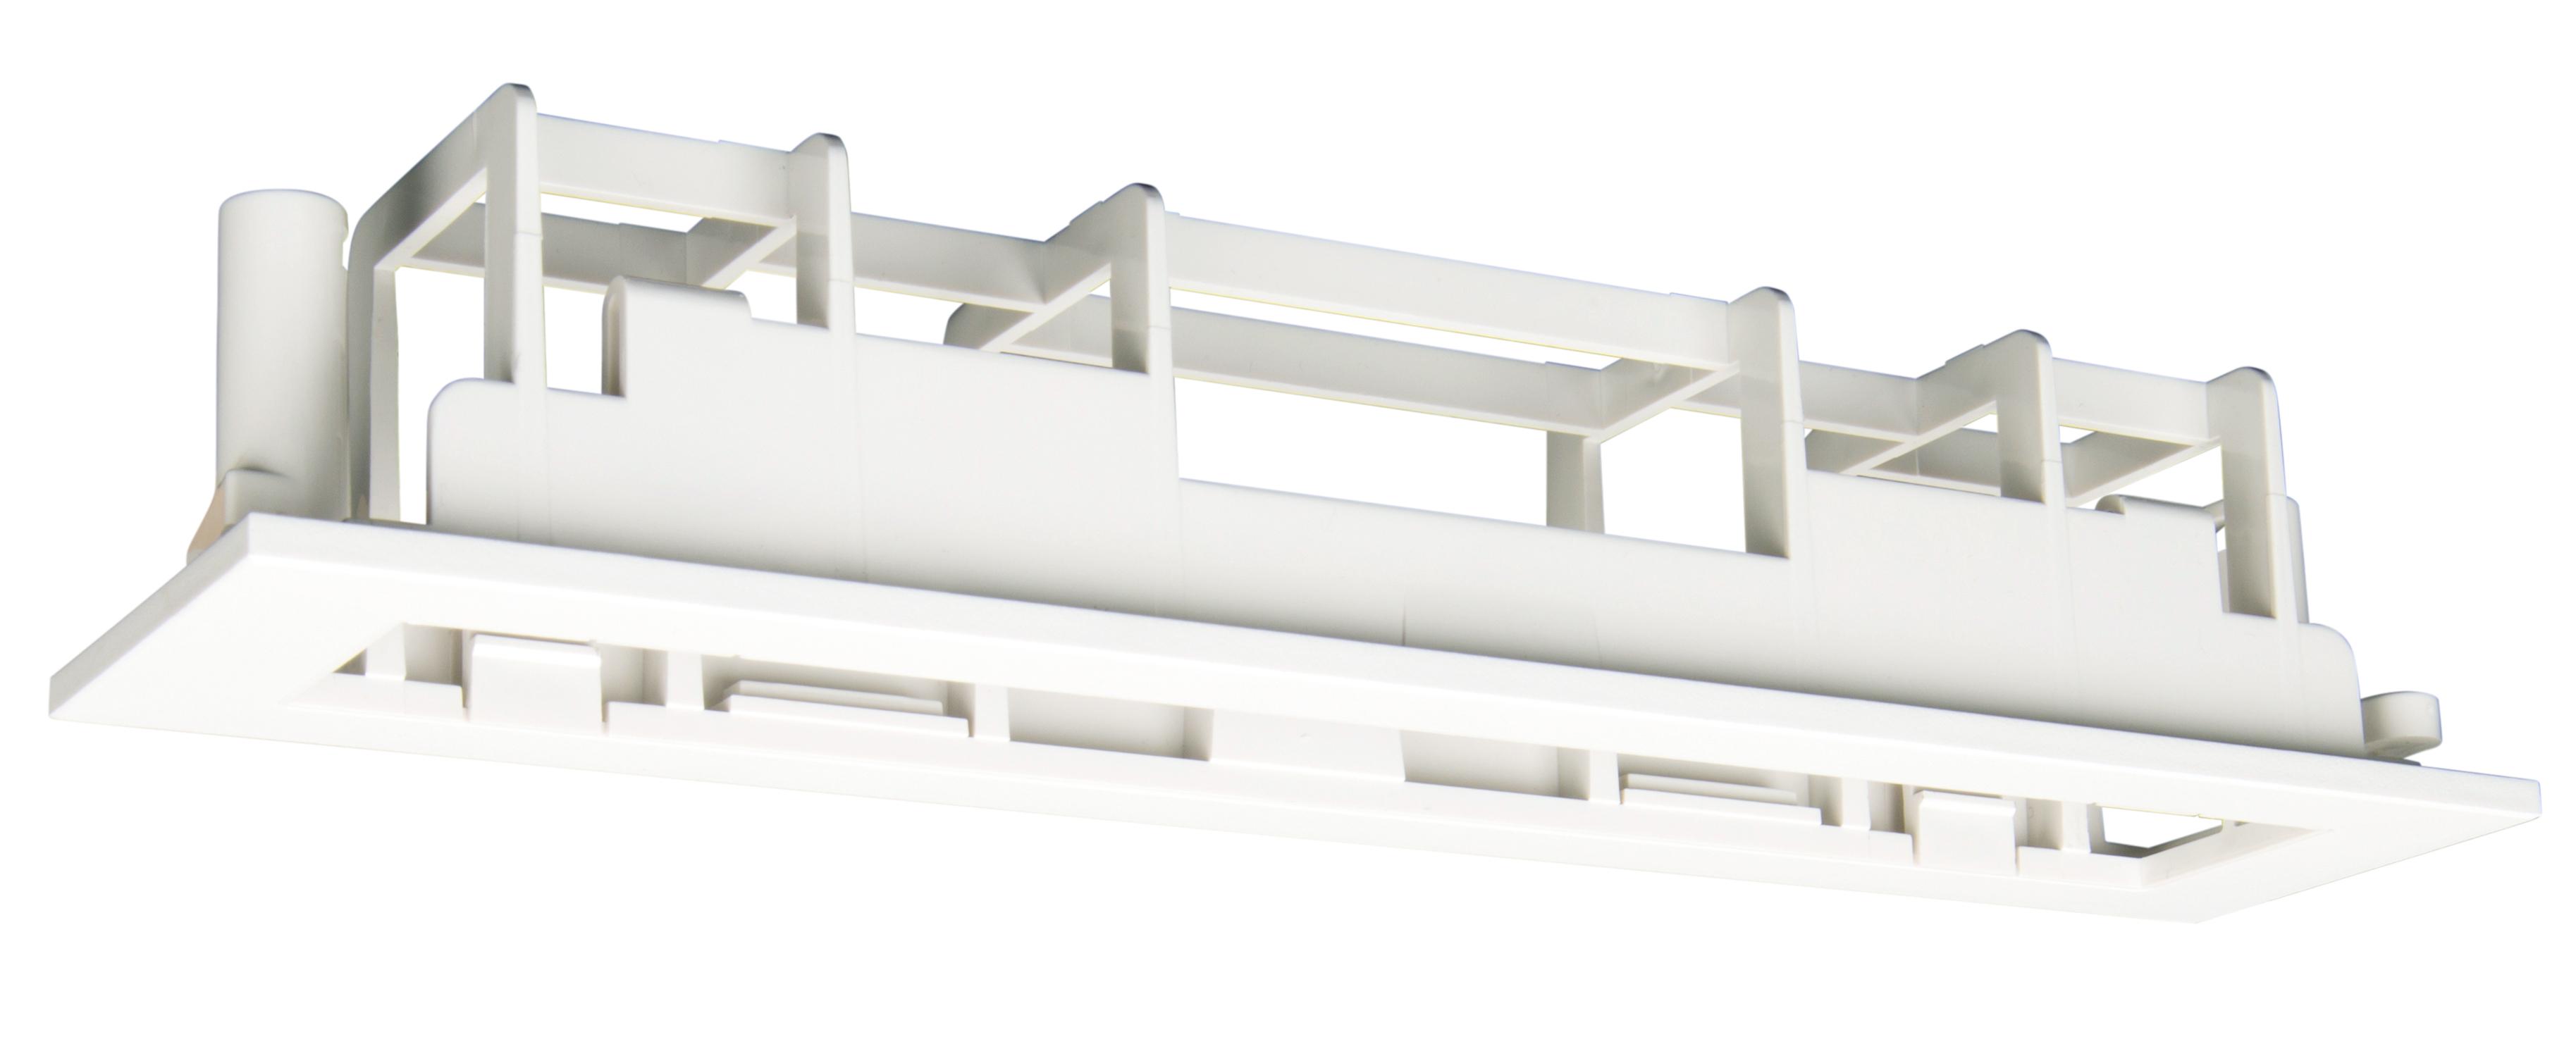 1 Stk Einbaurahmen für Zentralbatterienotleuchten Design KM, KS NLKME-----